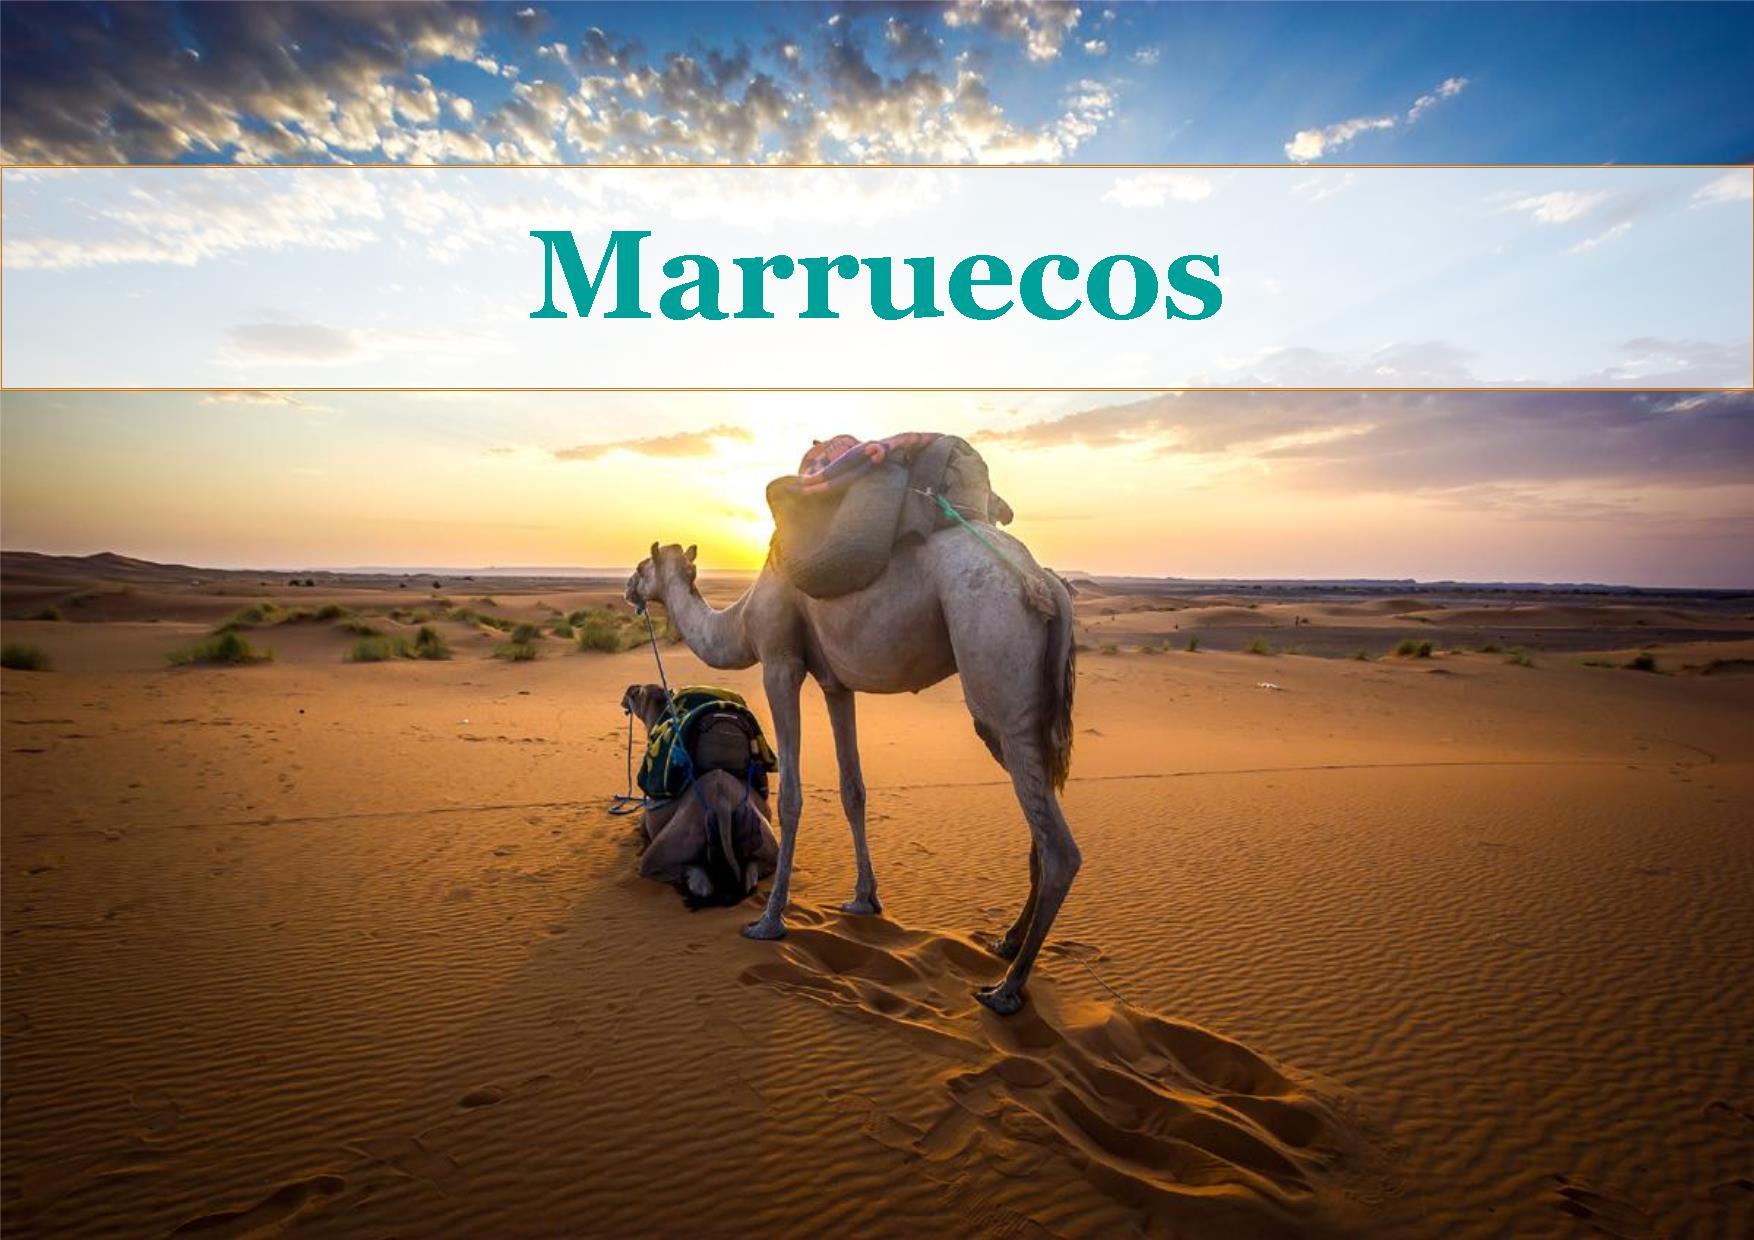 marruecos. Viaje a Marruecos, Marrakech.